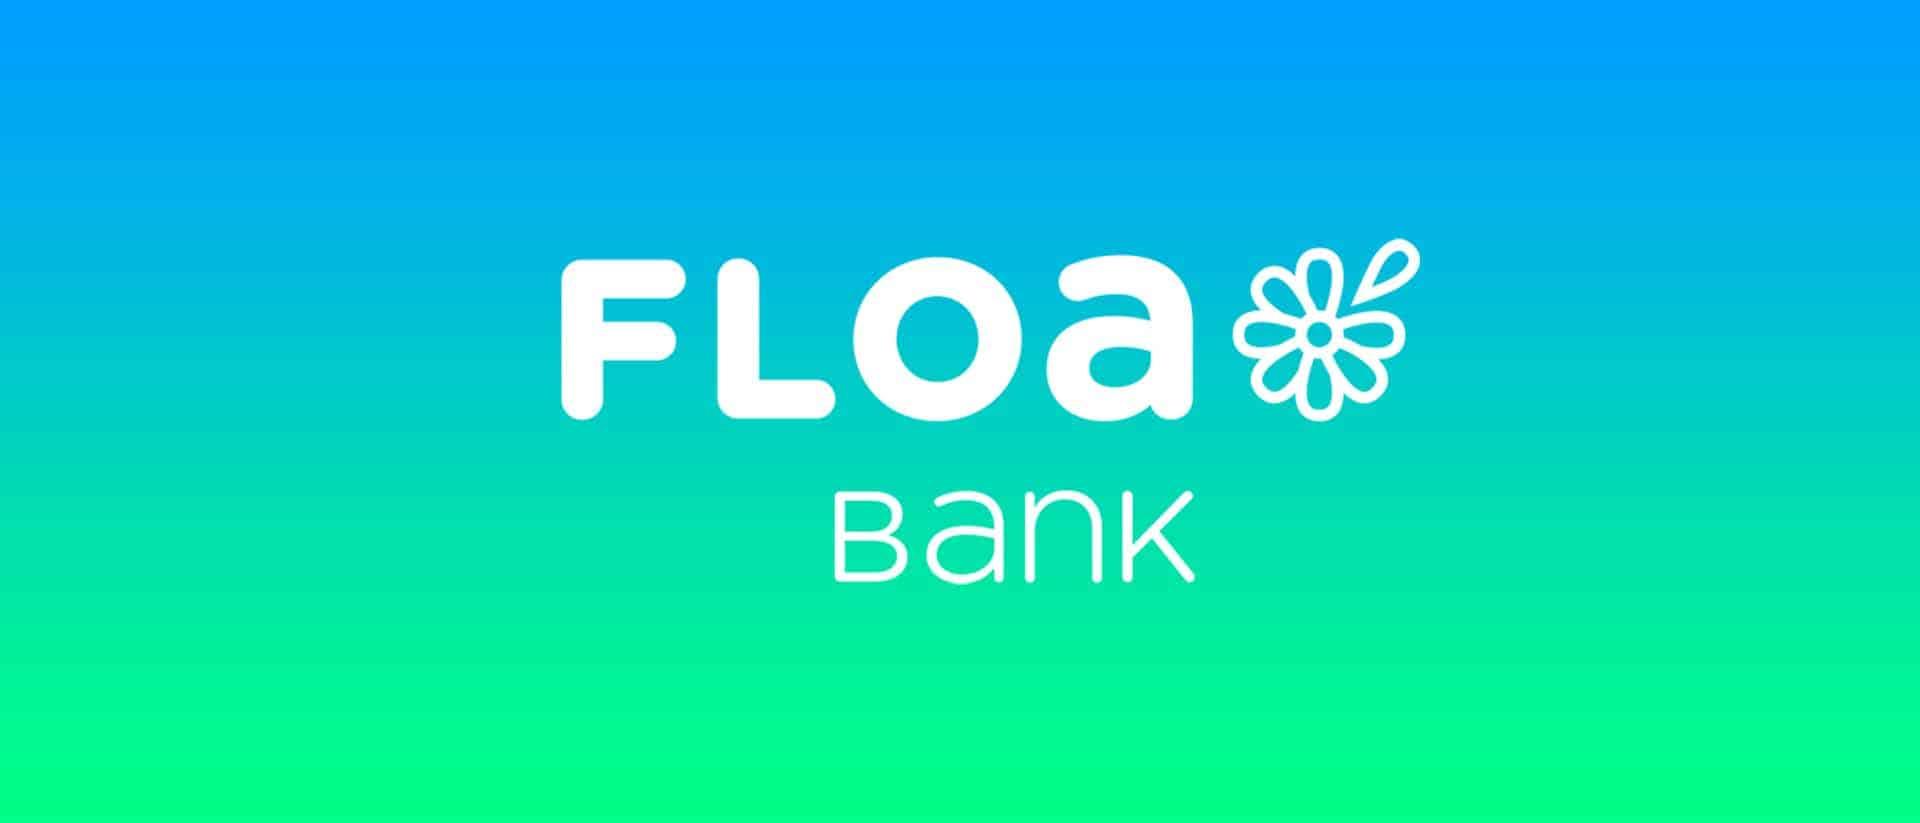 numéro floa bank